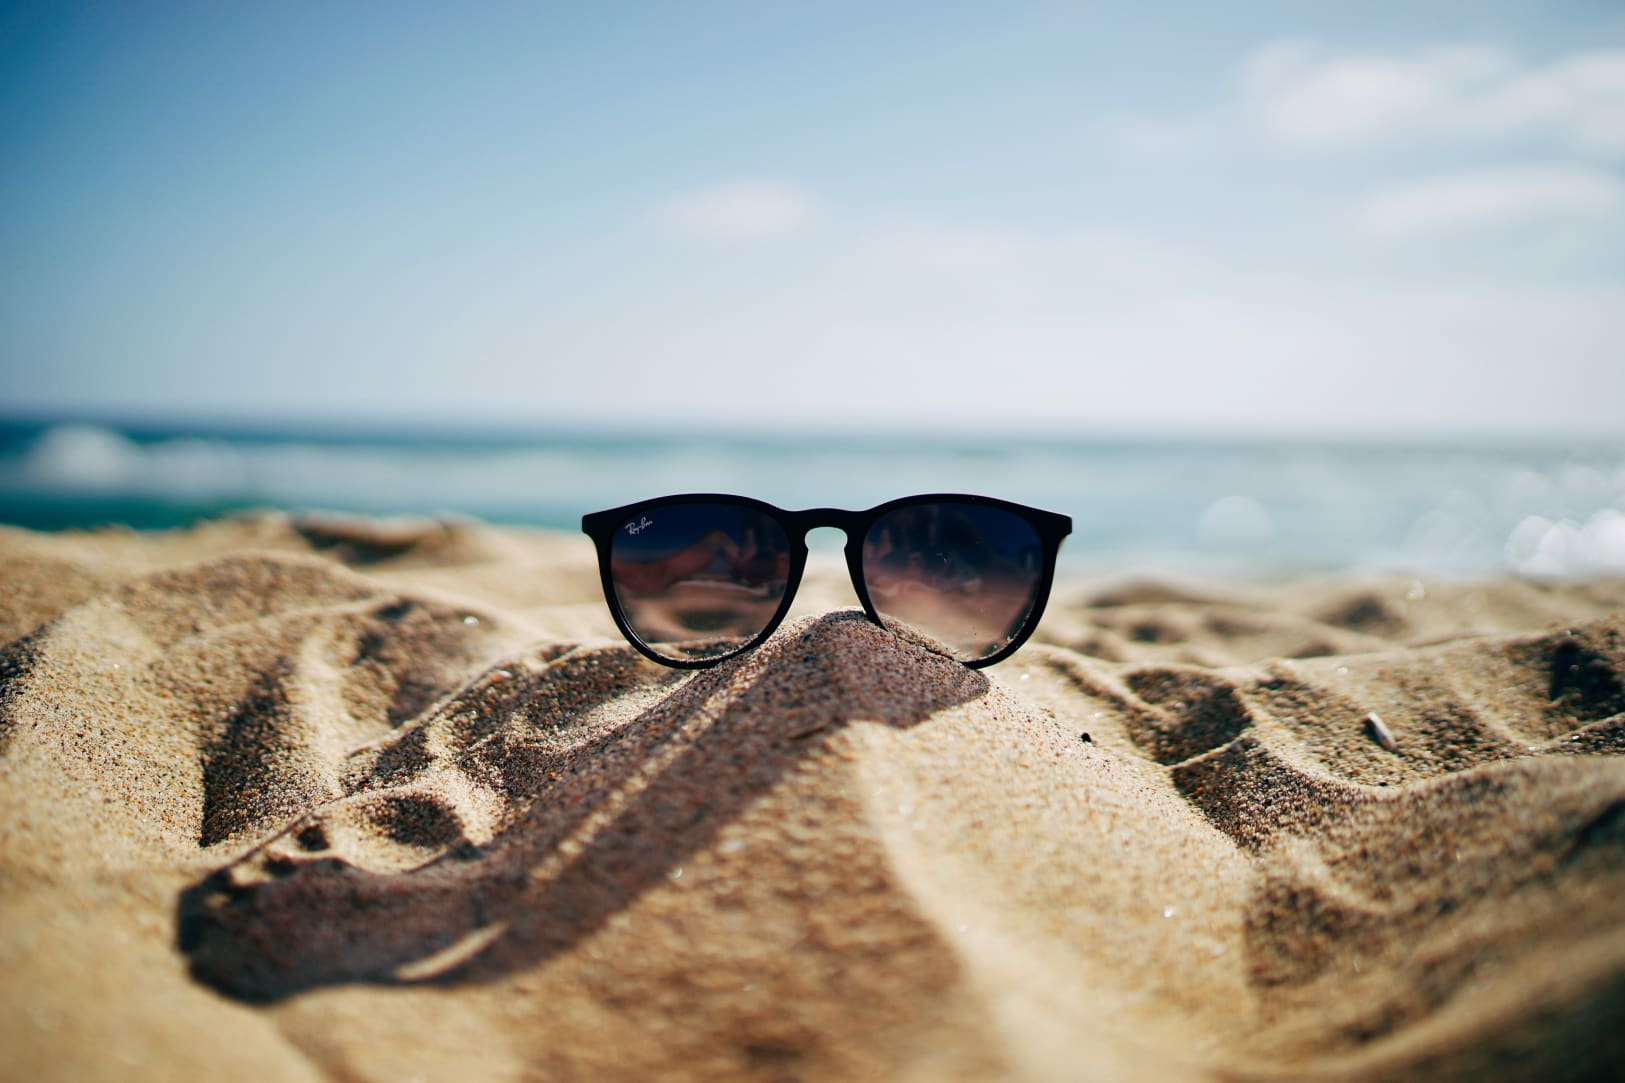 Med ønske om en riktig god sommer